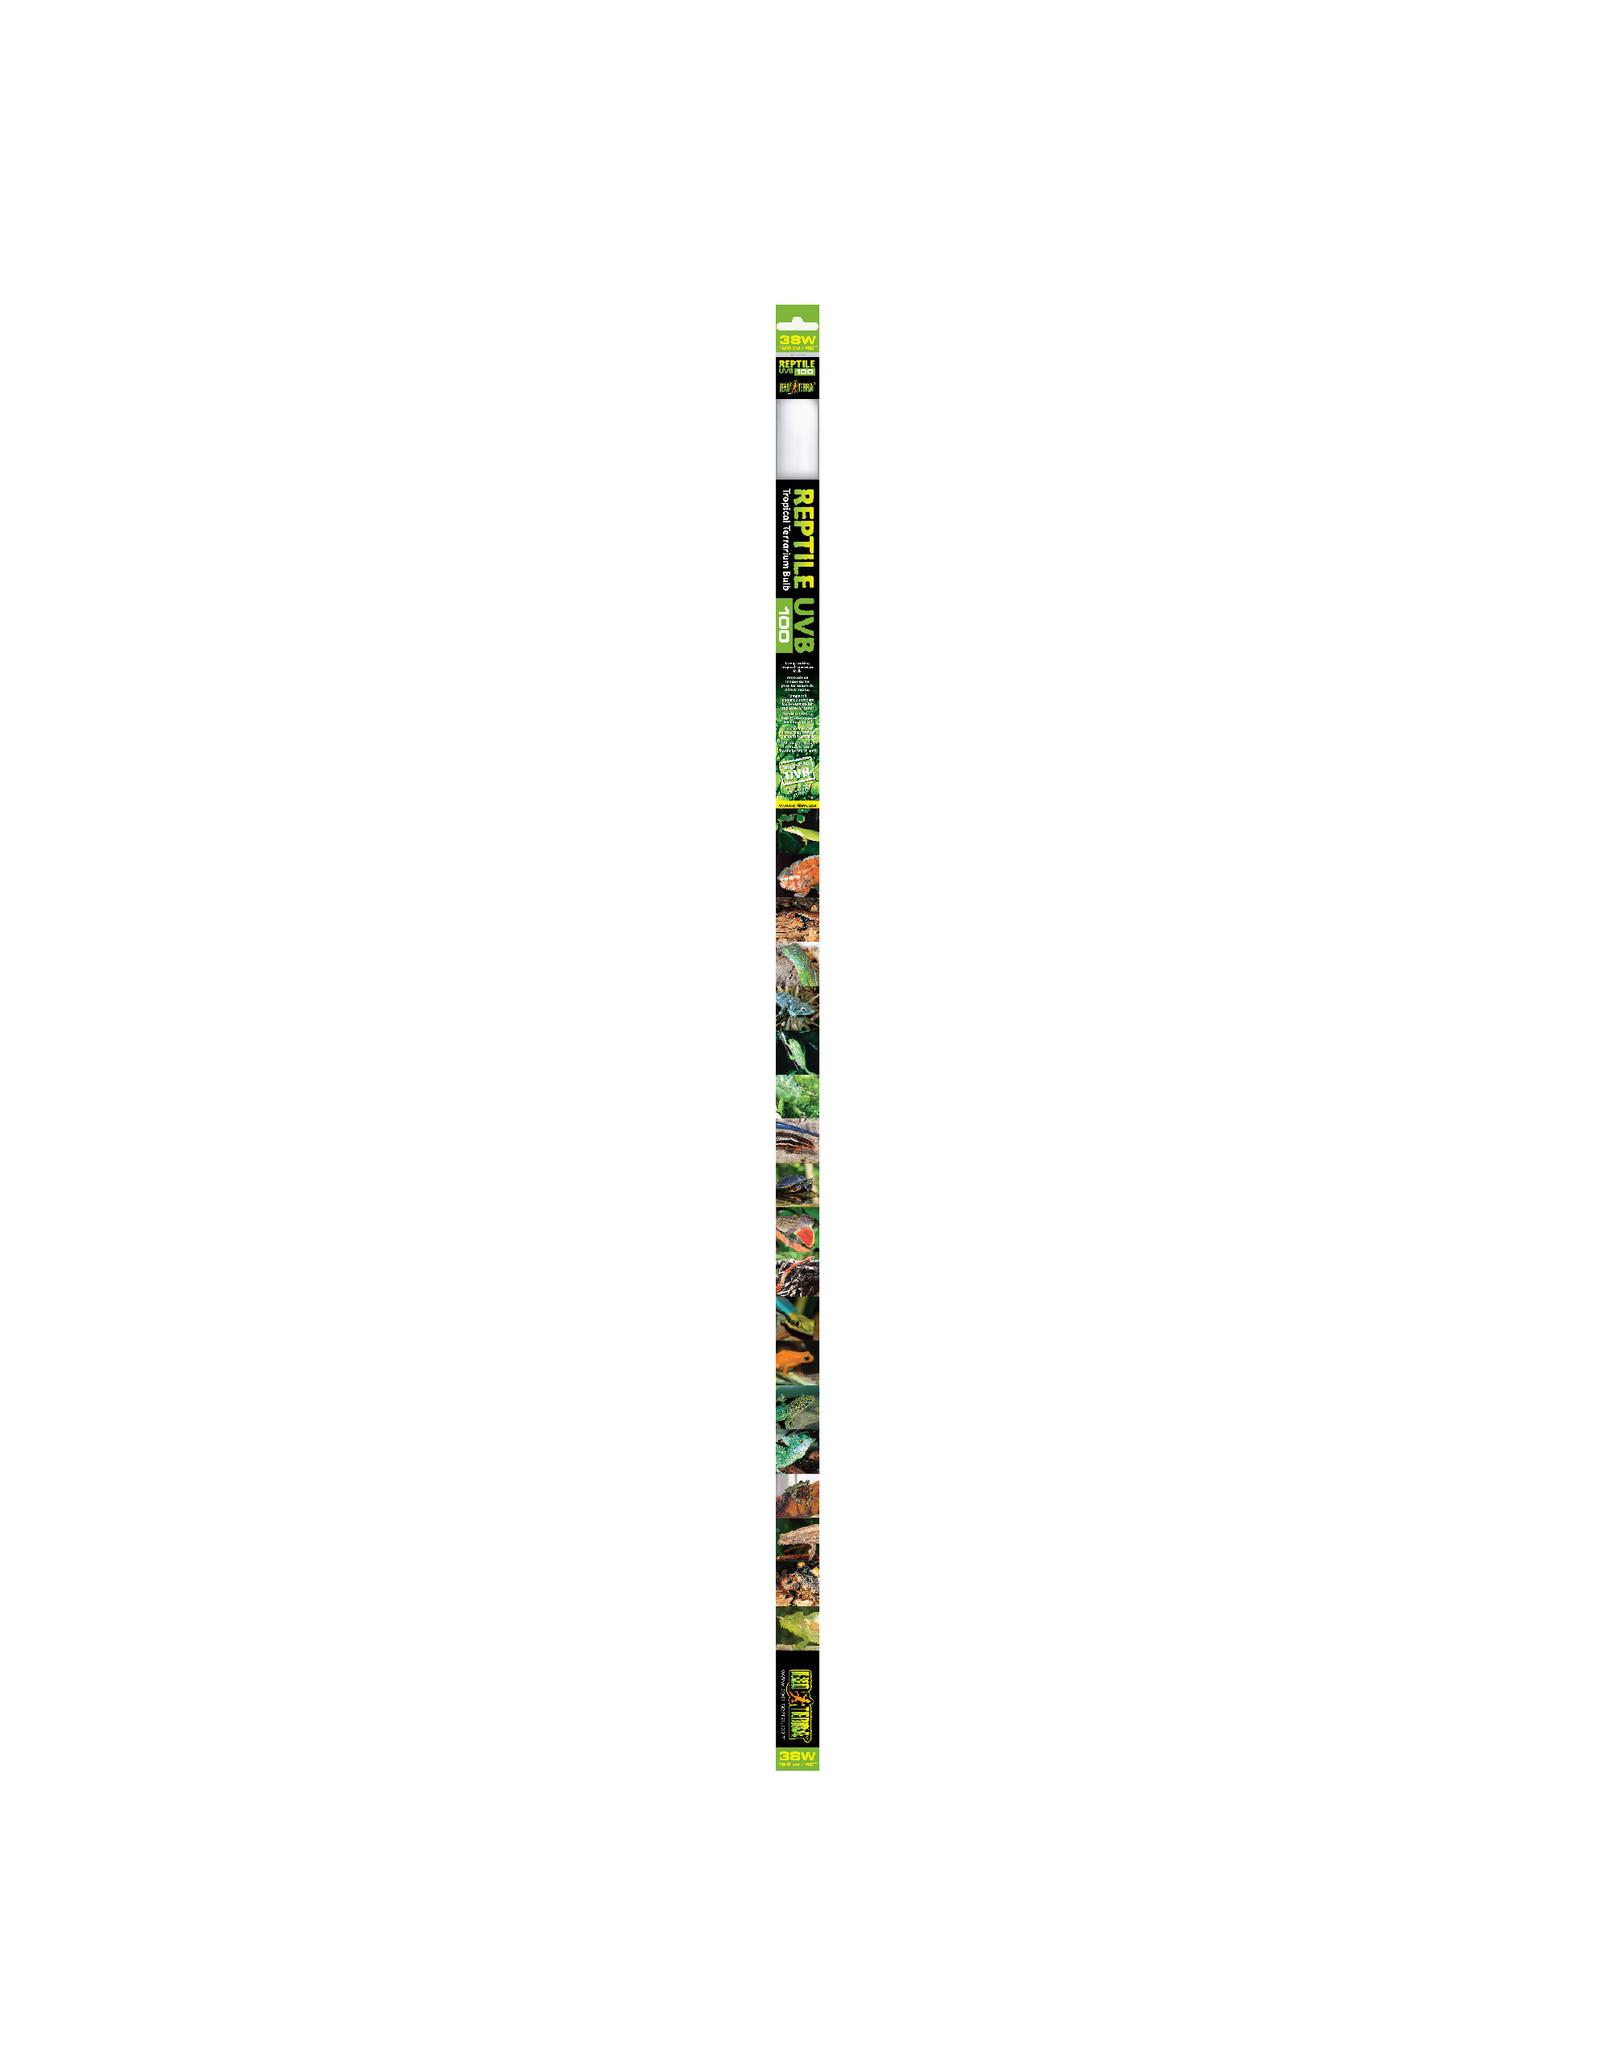 Exo Terra Reptile UVB100 Tropical Terrarium Linear Bulb - 38 W